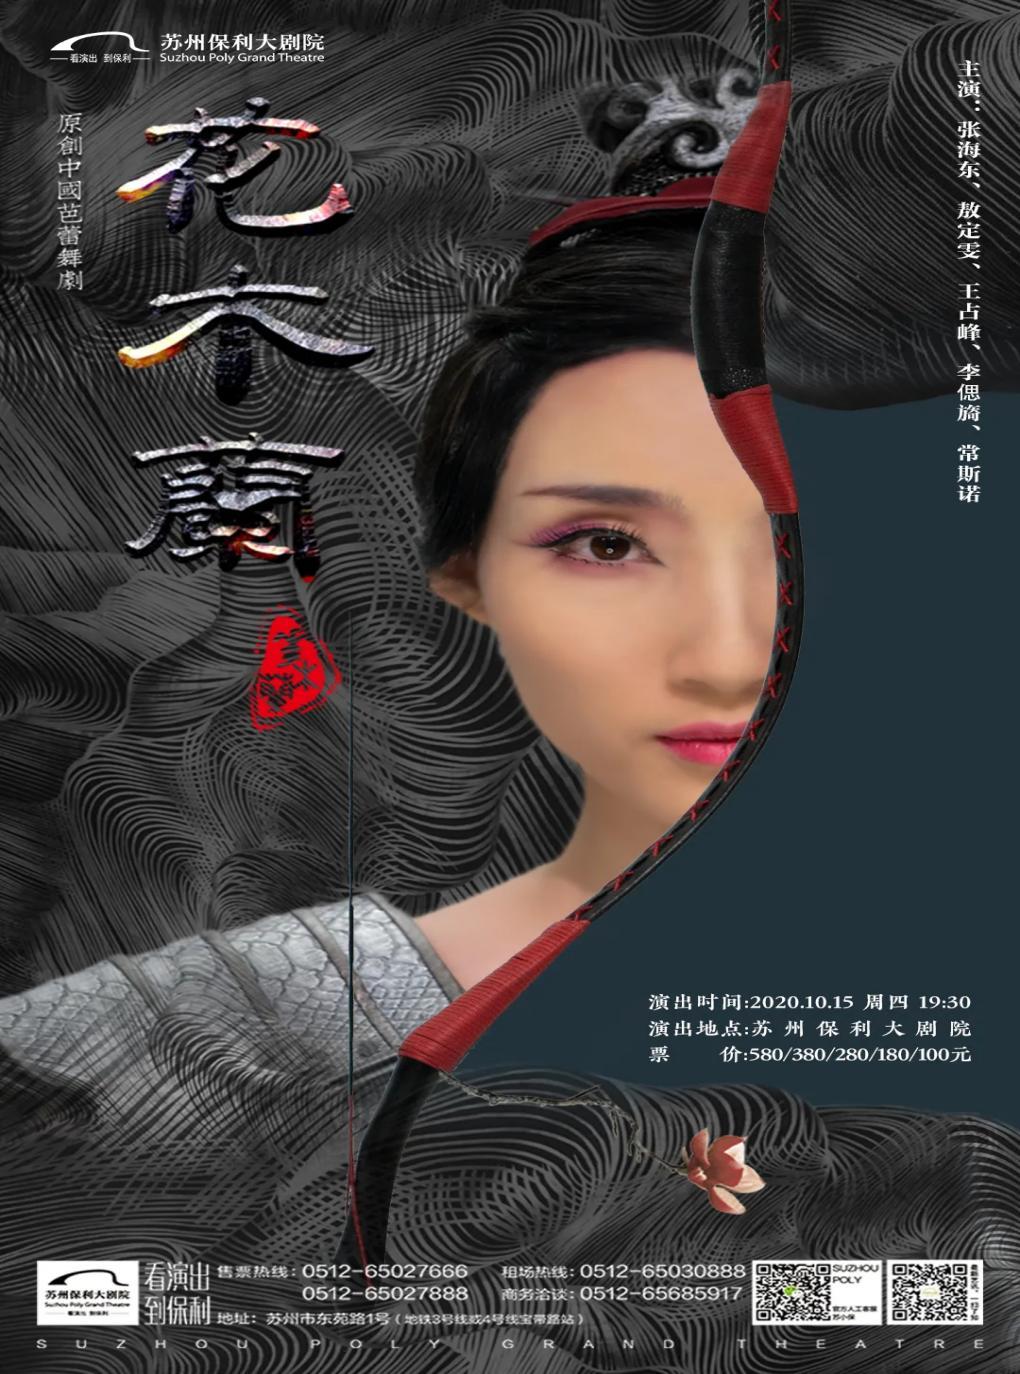 原创中国芭蕾舞剧《花木兰》